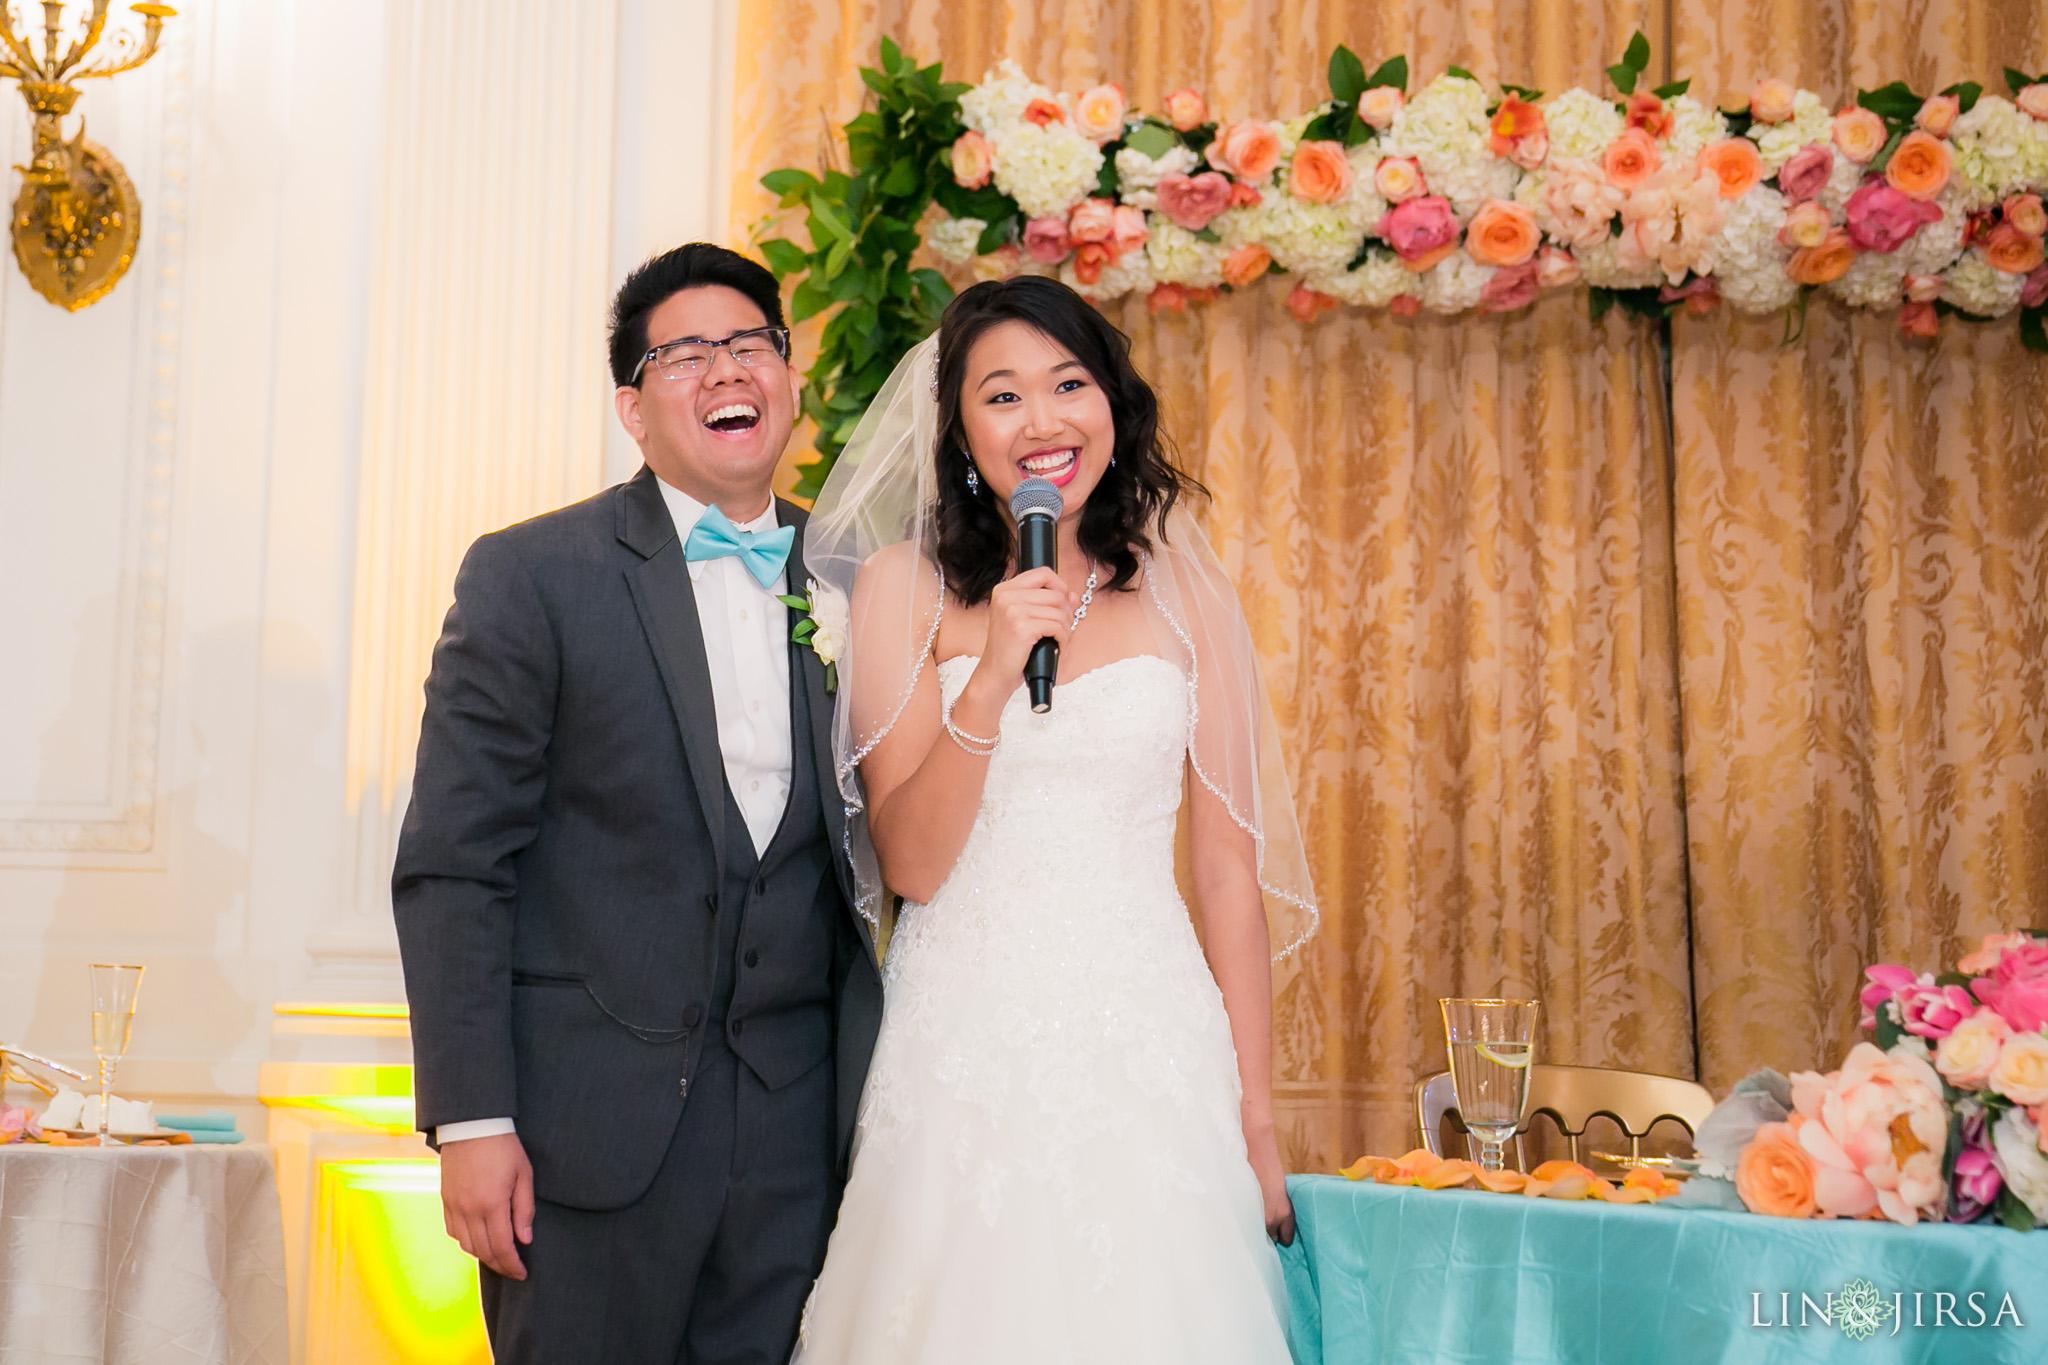 39-richard-nixon-libary-wedding-photography